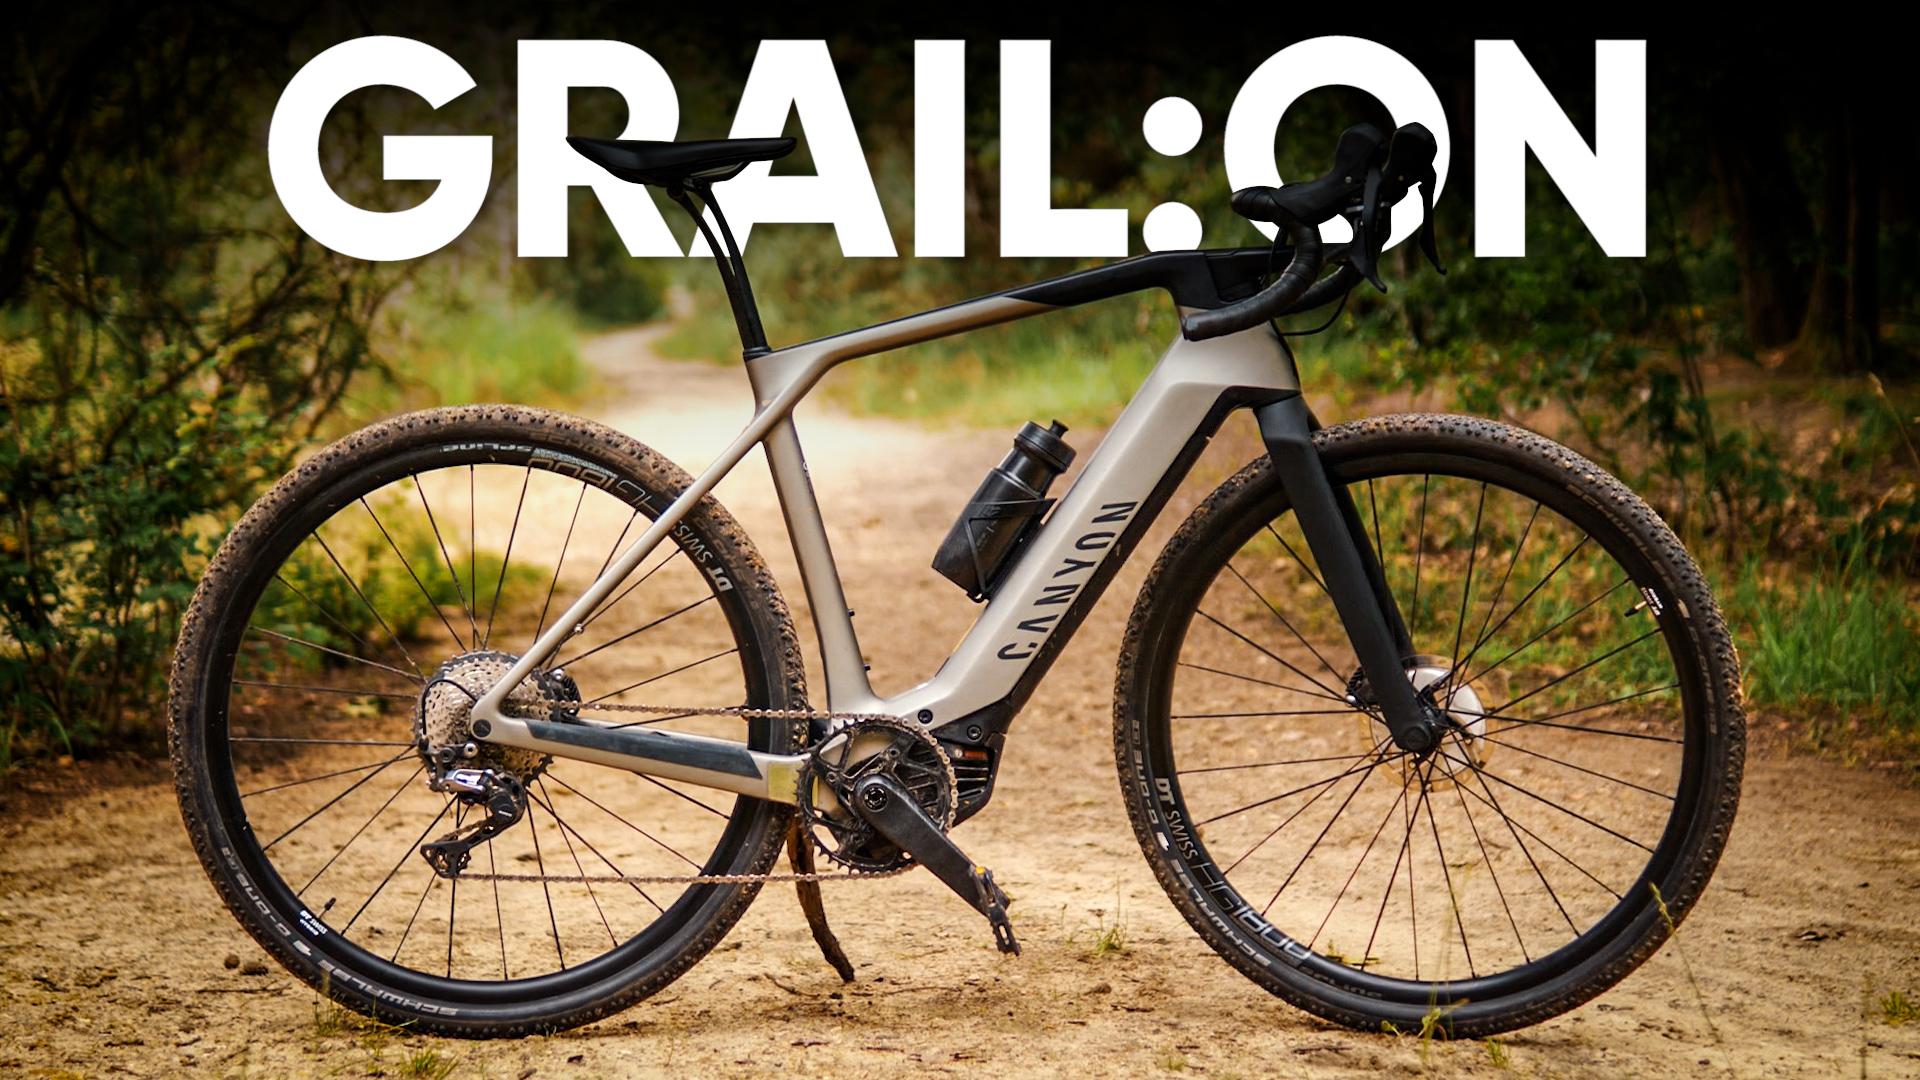 Test du Canyon Grail:ON CF7 : un Gravel à quel prix ?